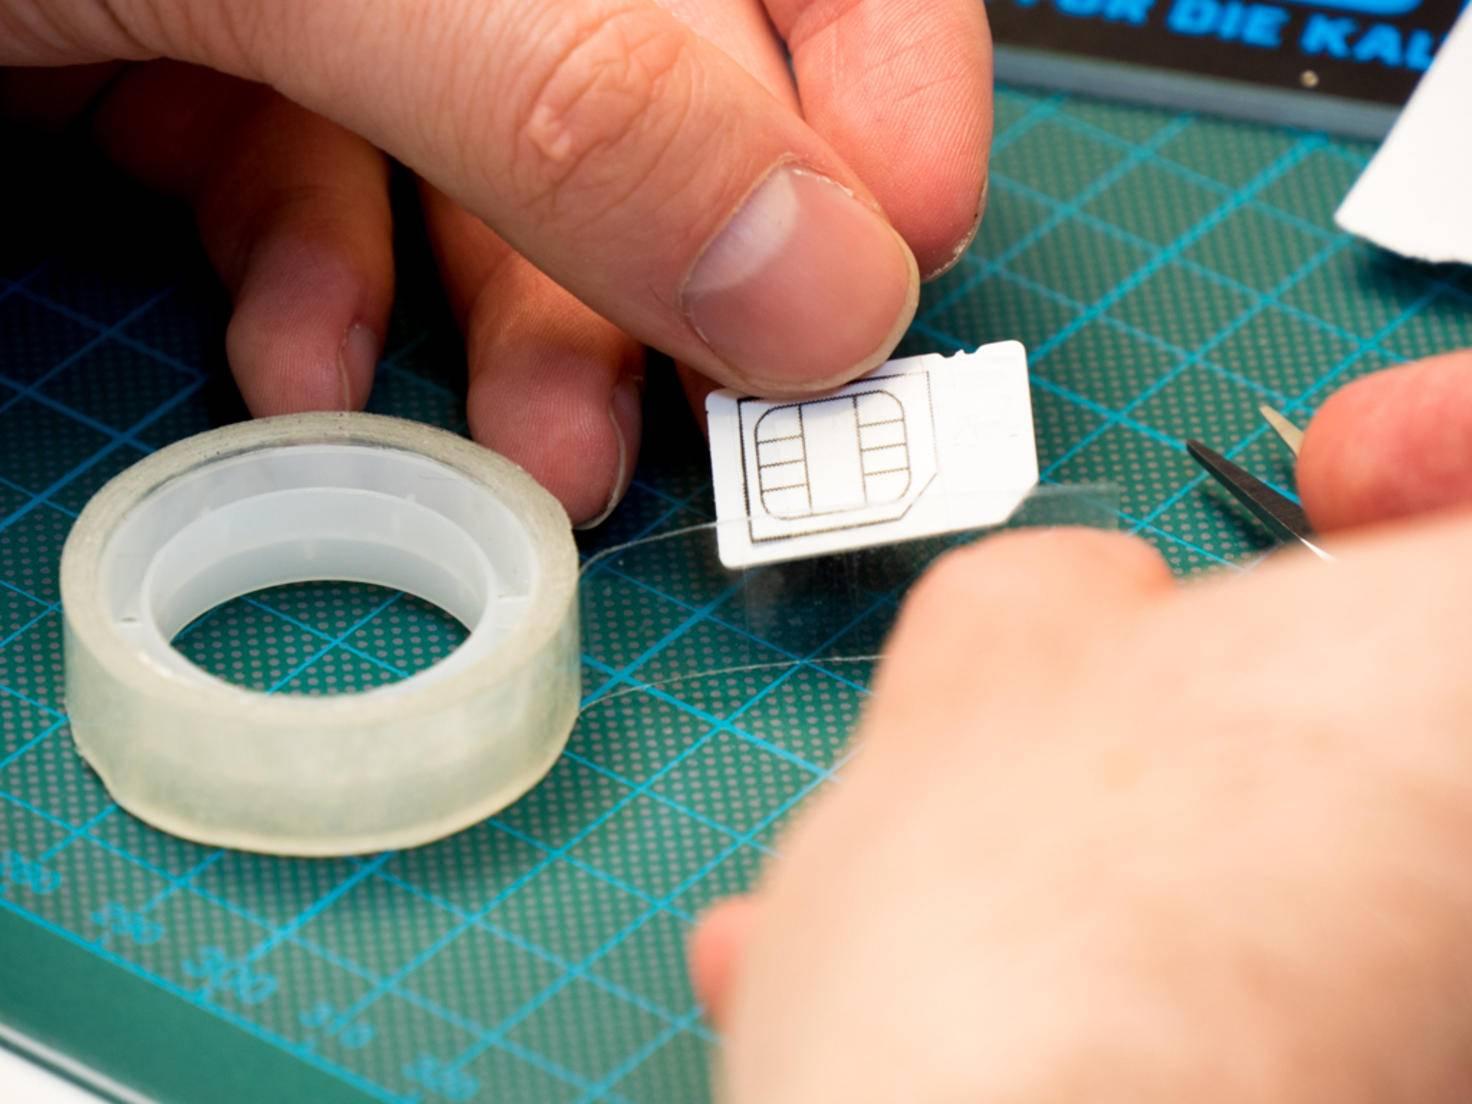 Die Schablone muss zunächst ausgeschnitten und dann auf die SIM-Karte geklebt werden